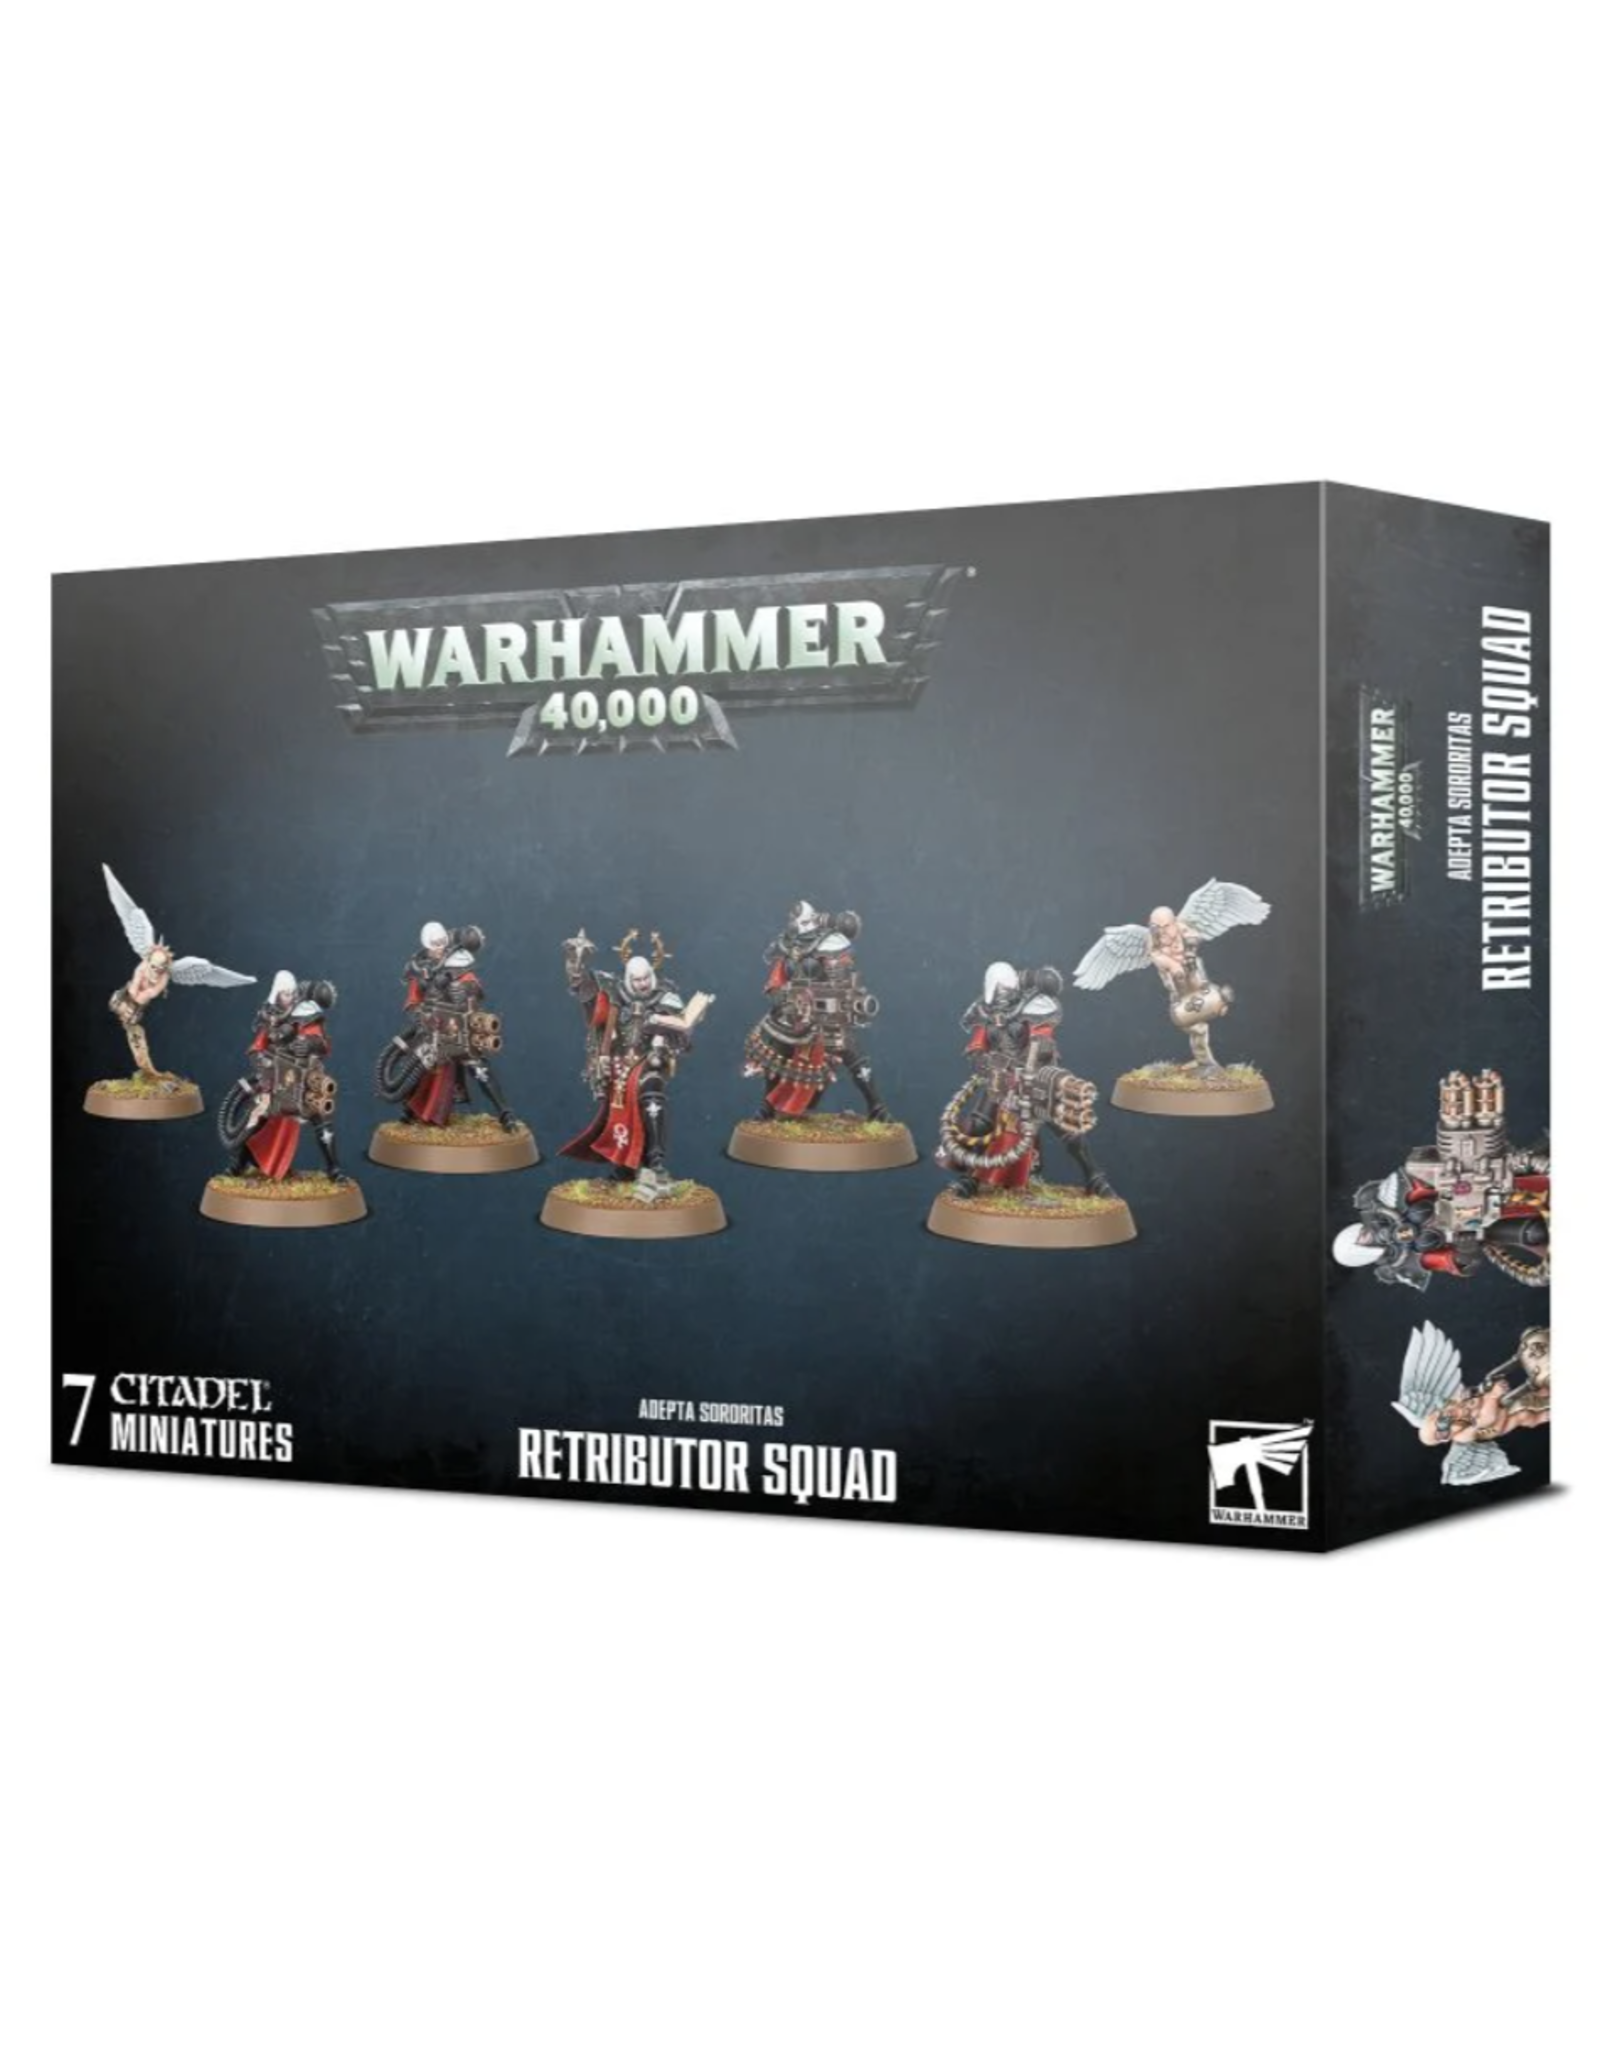 Warhammer 40K Adepta Sororitas Retributor Squad